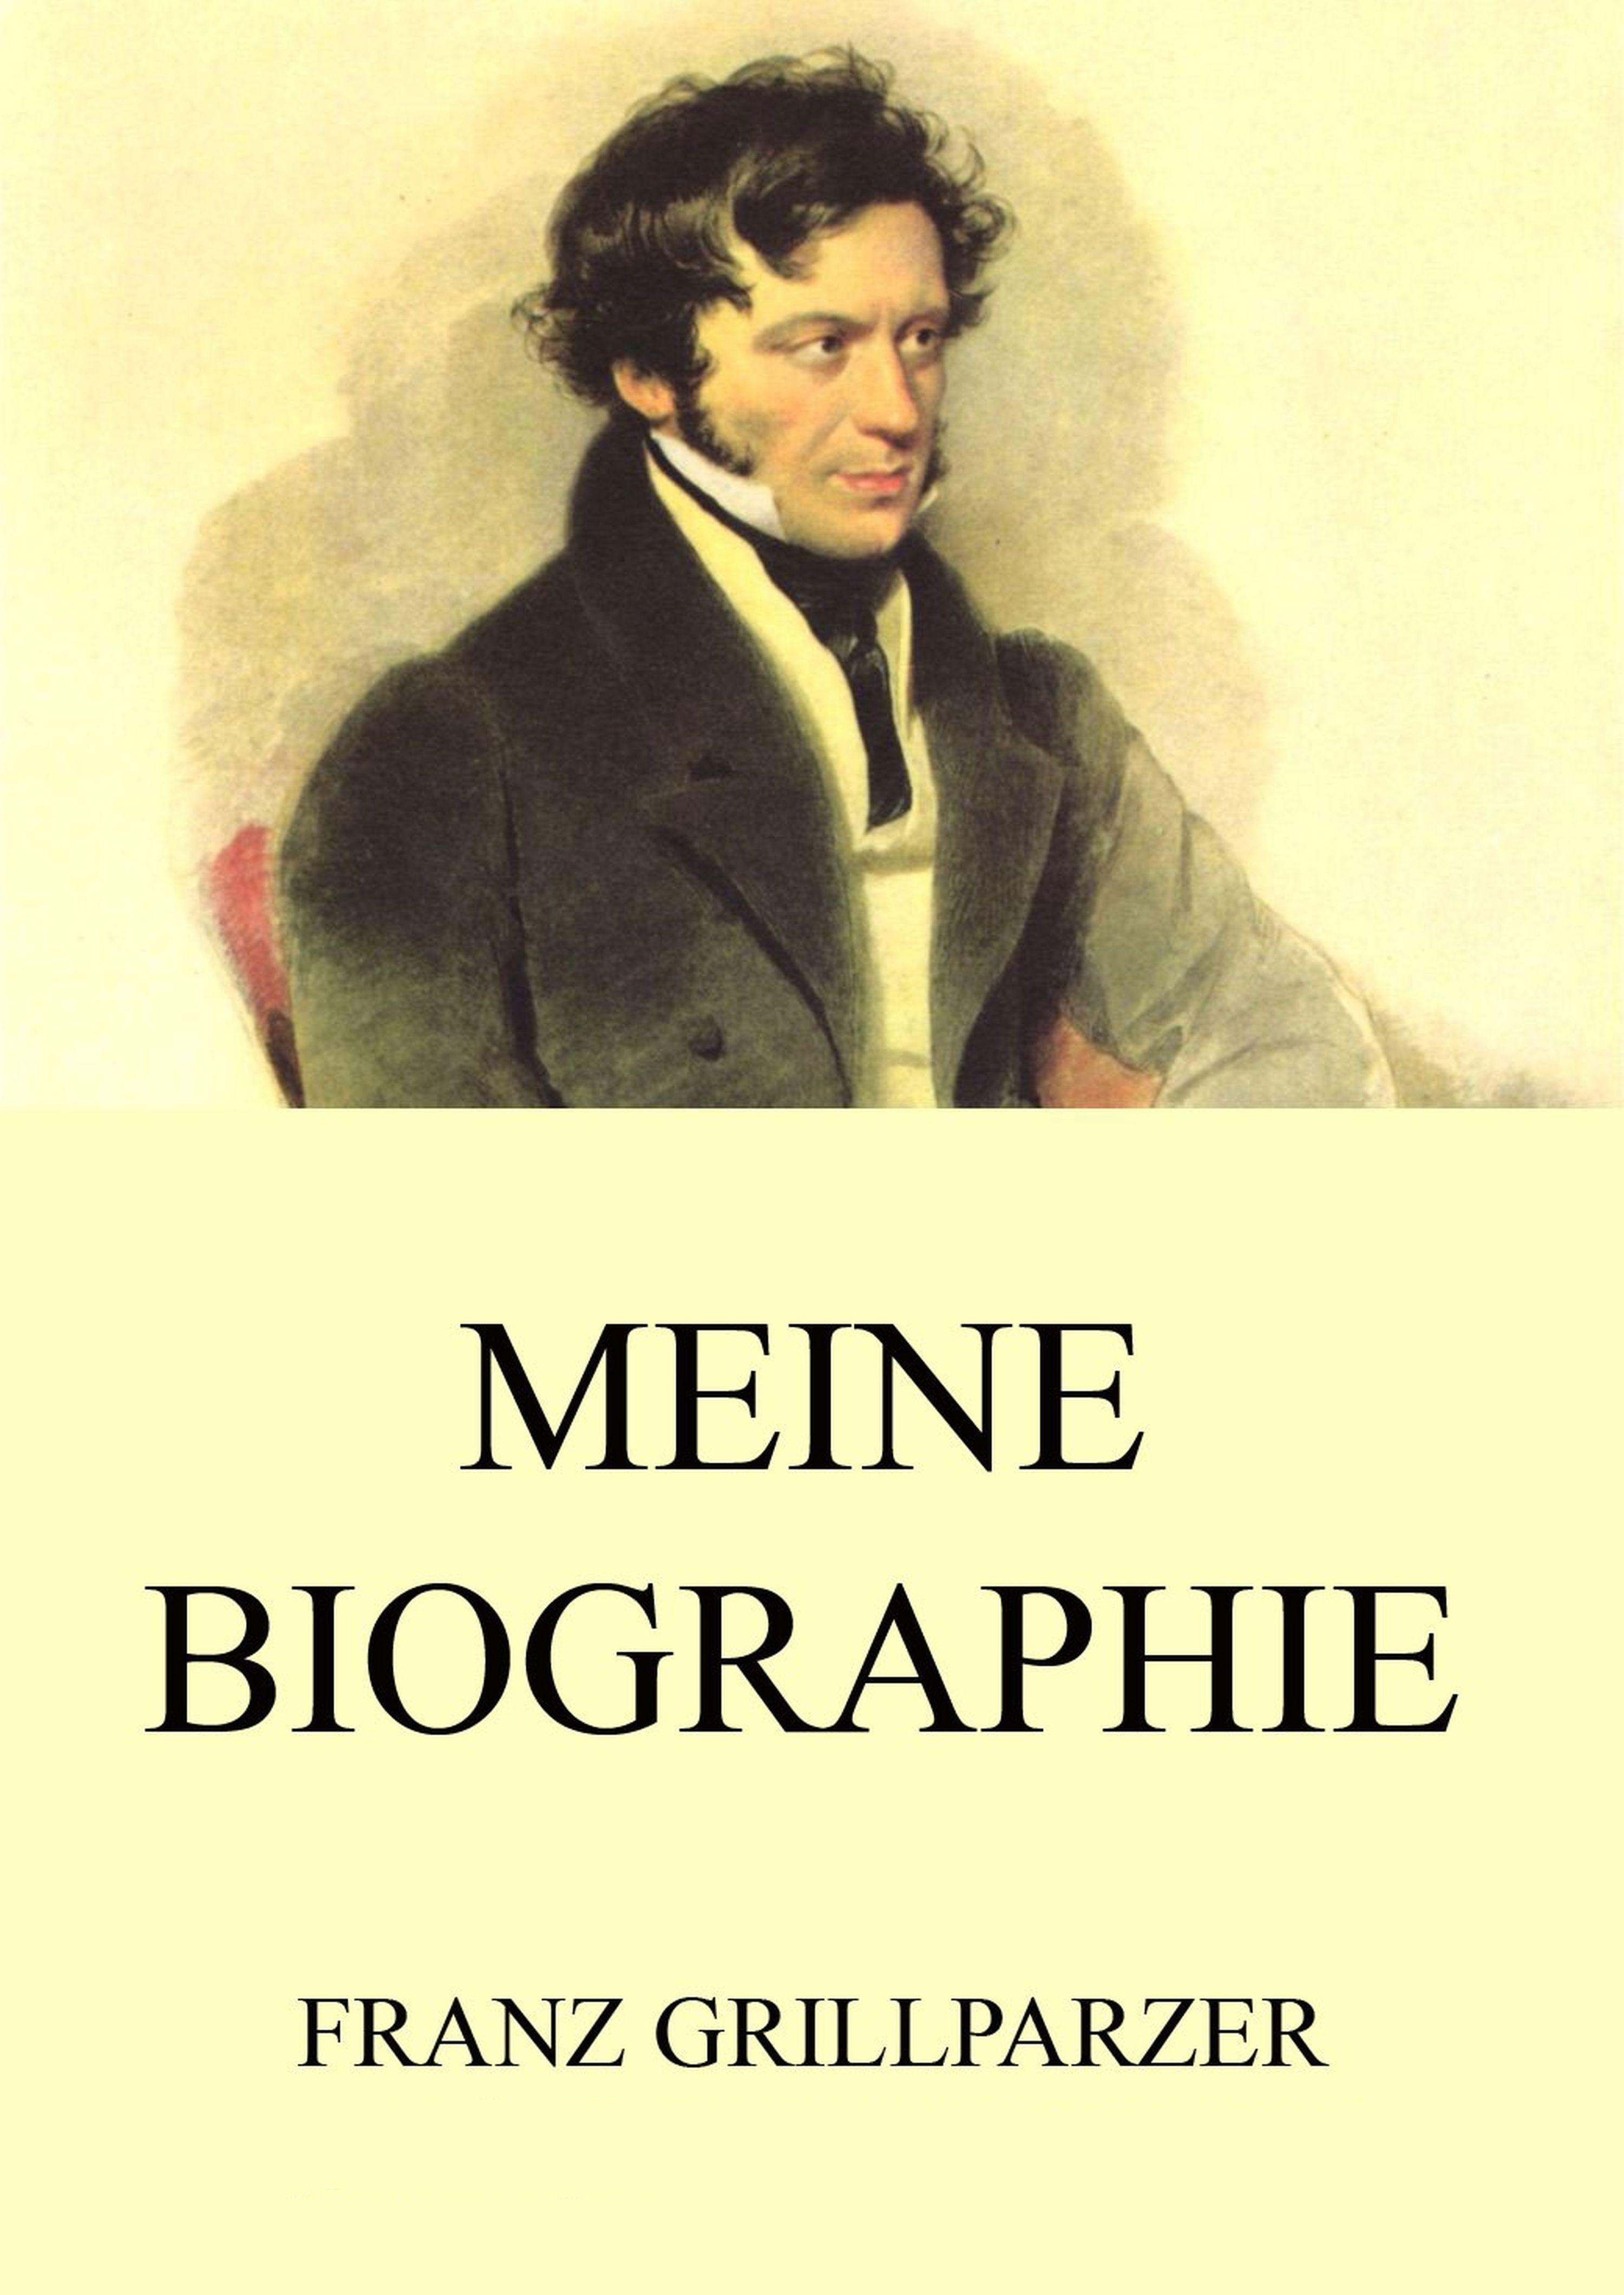 Franz Grillparzer Meine Biographie